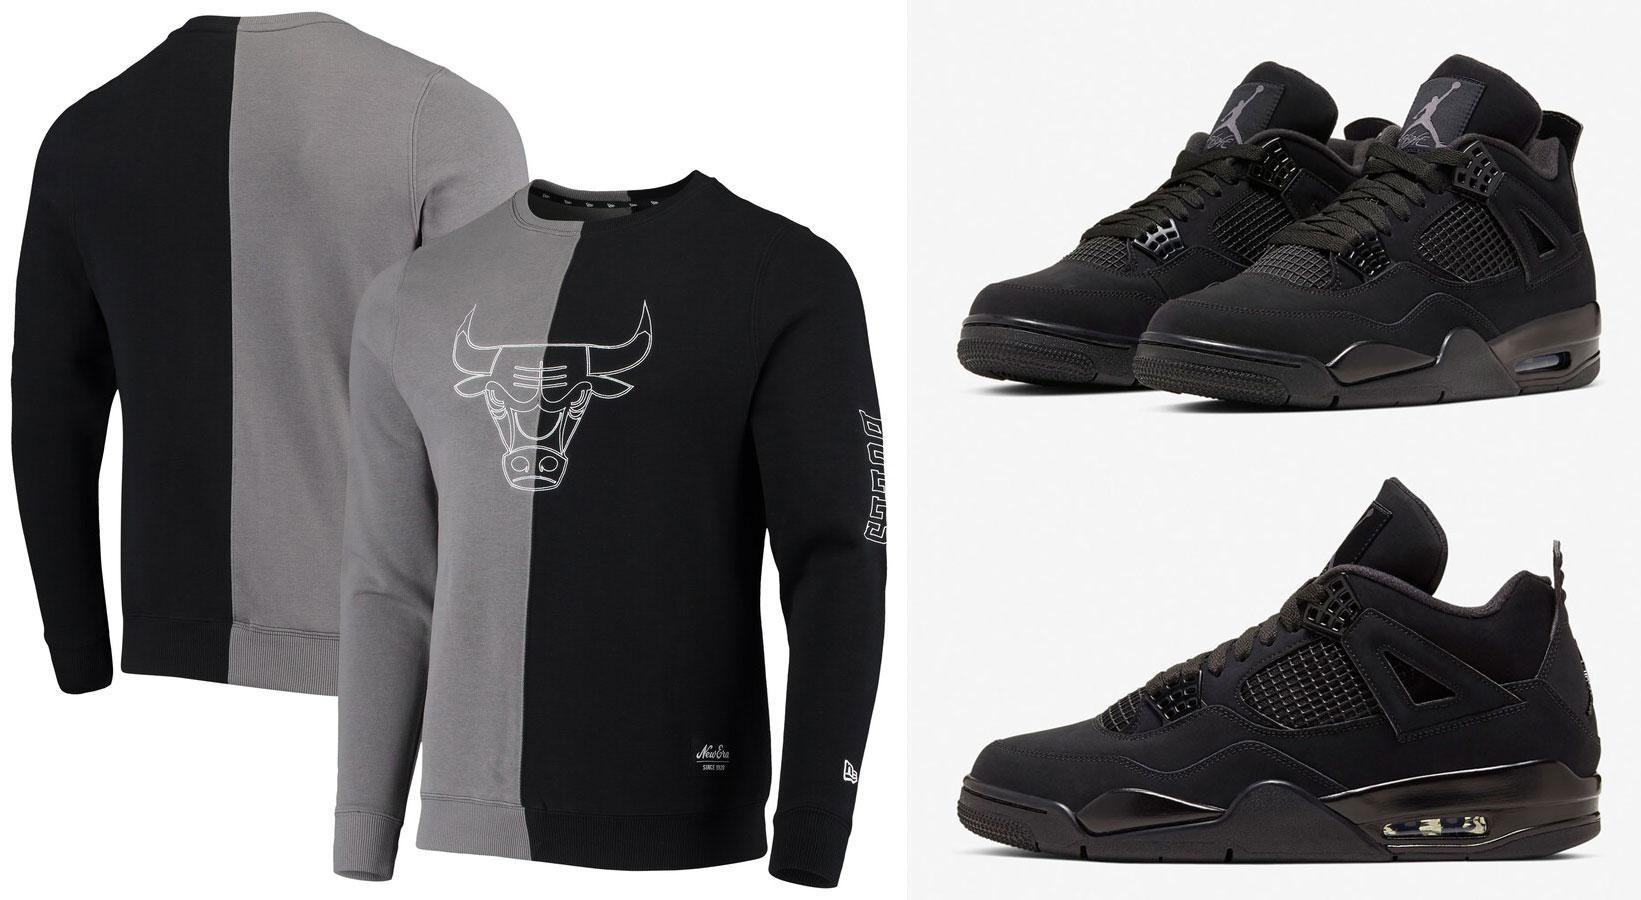 air-jordan-4-black-cat-bulls-new-era-sweatshirt